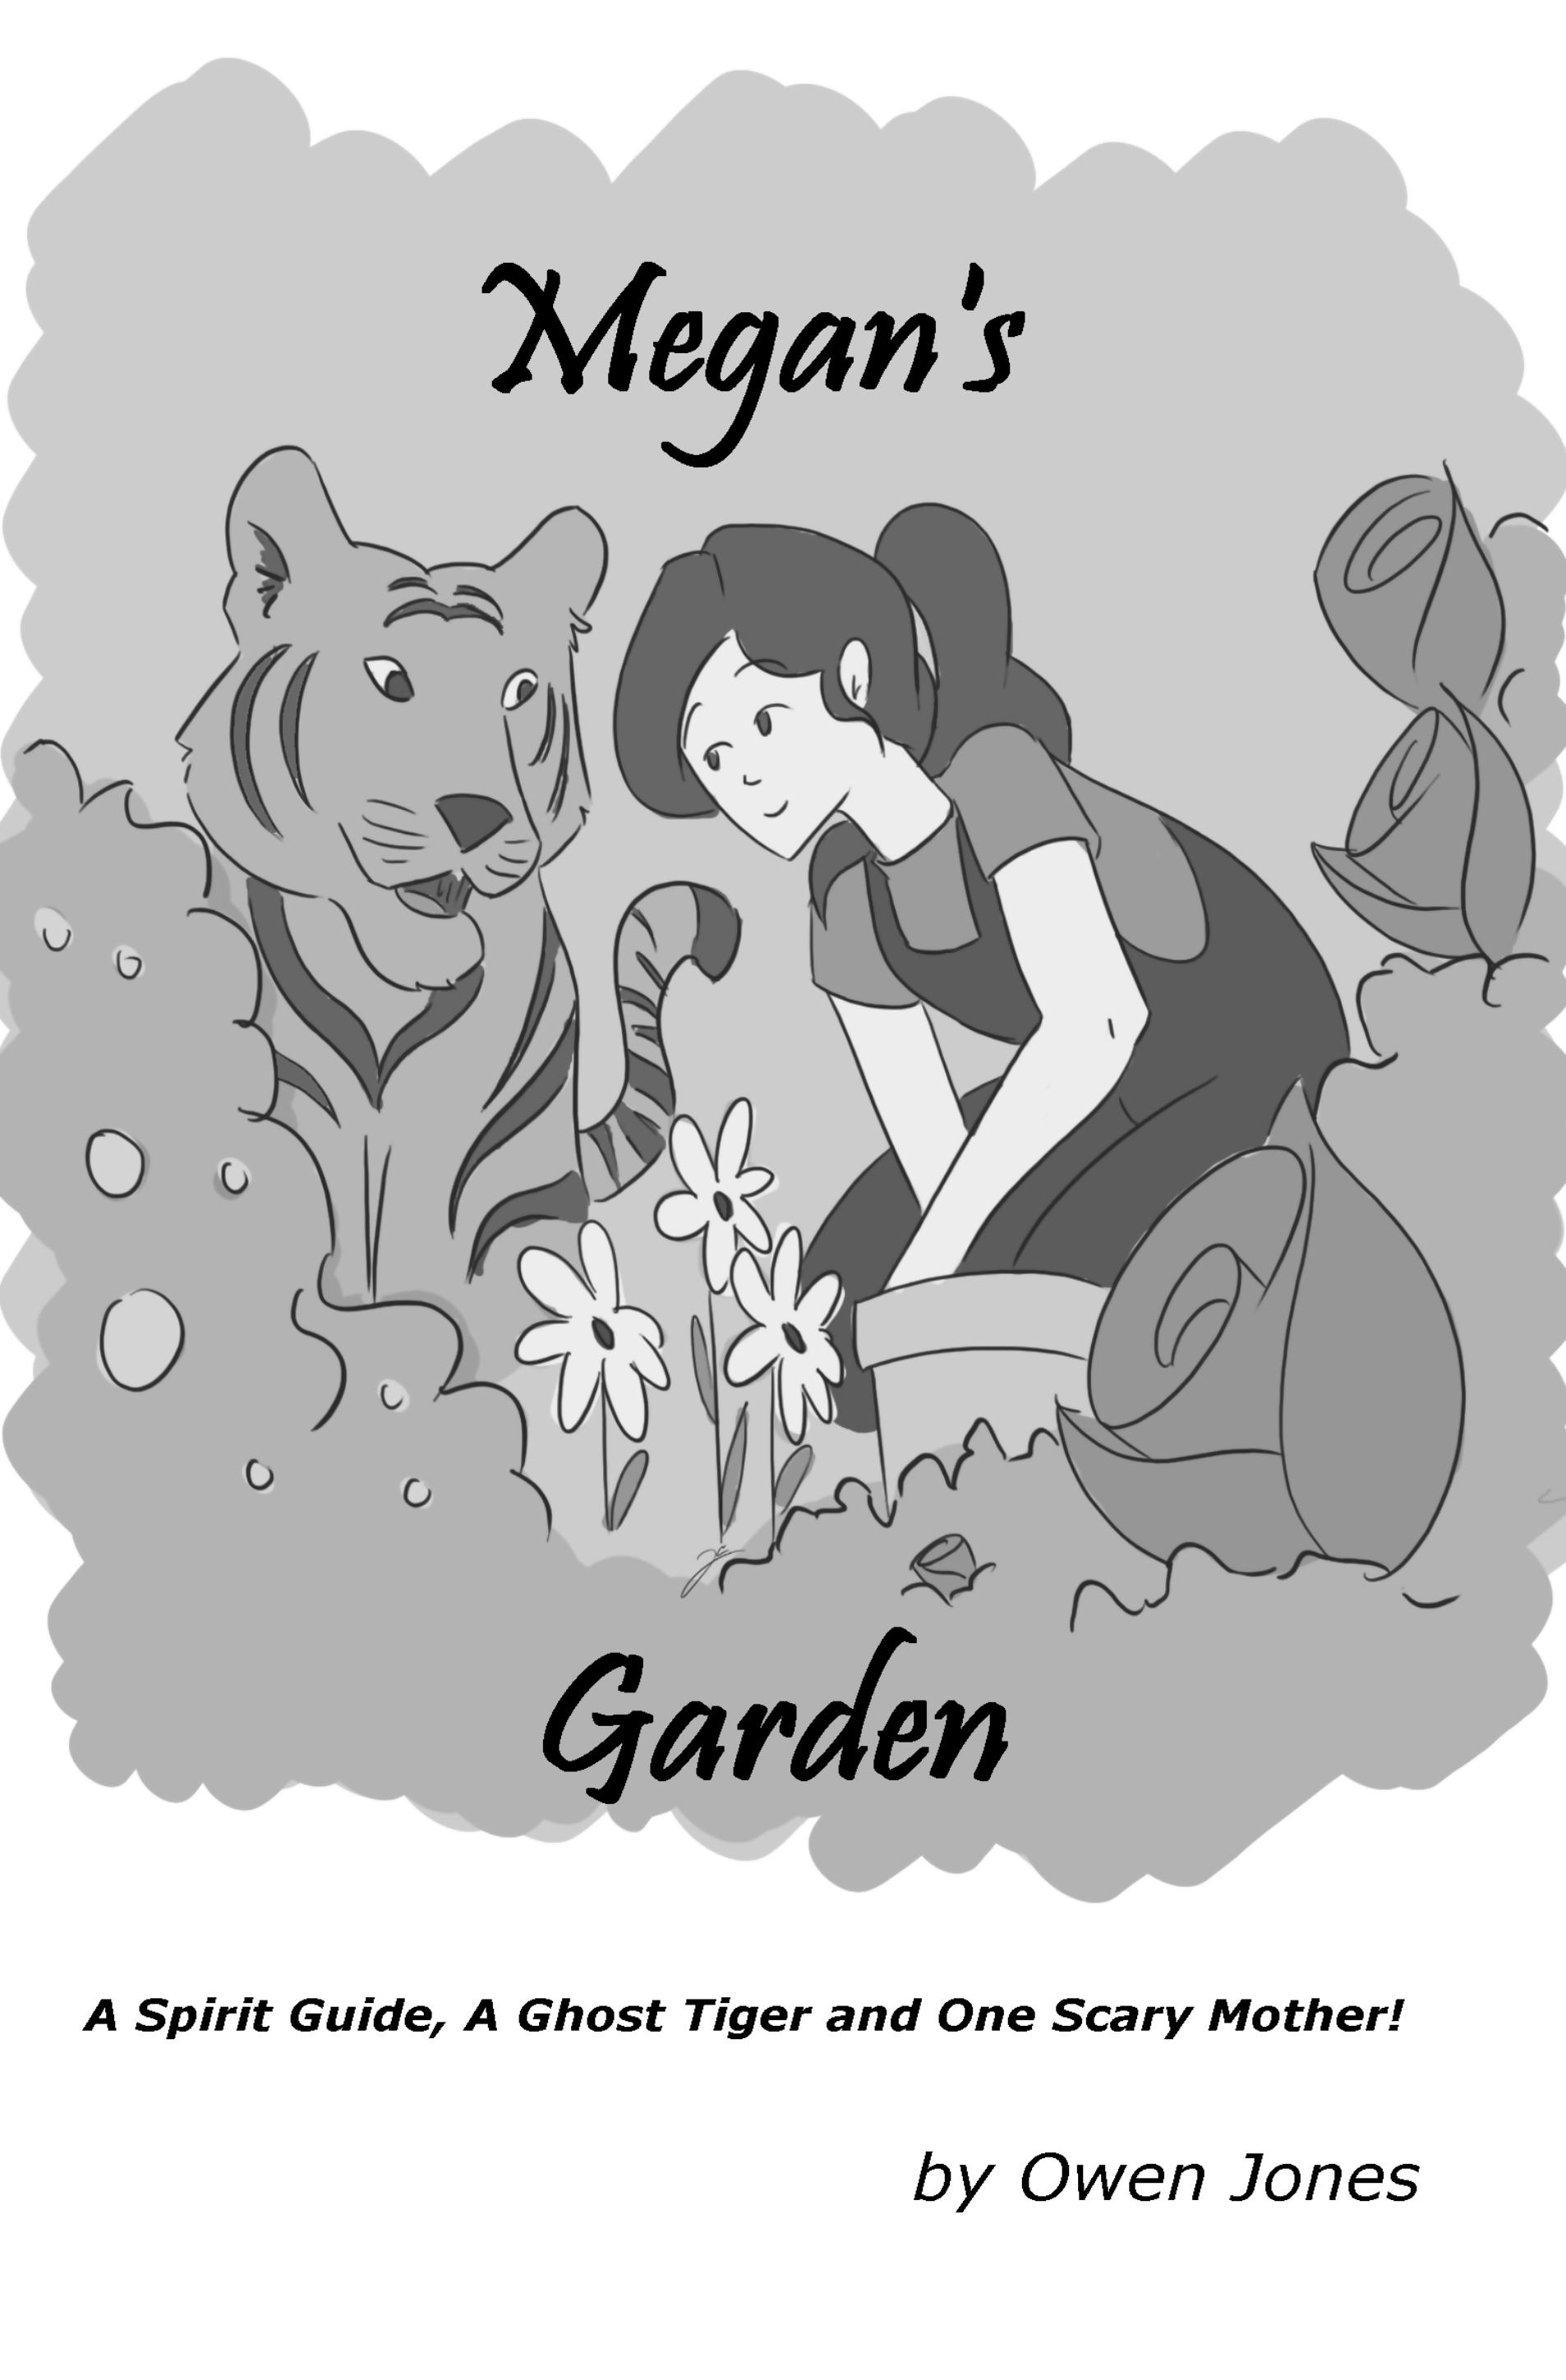 Megan's garden